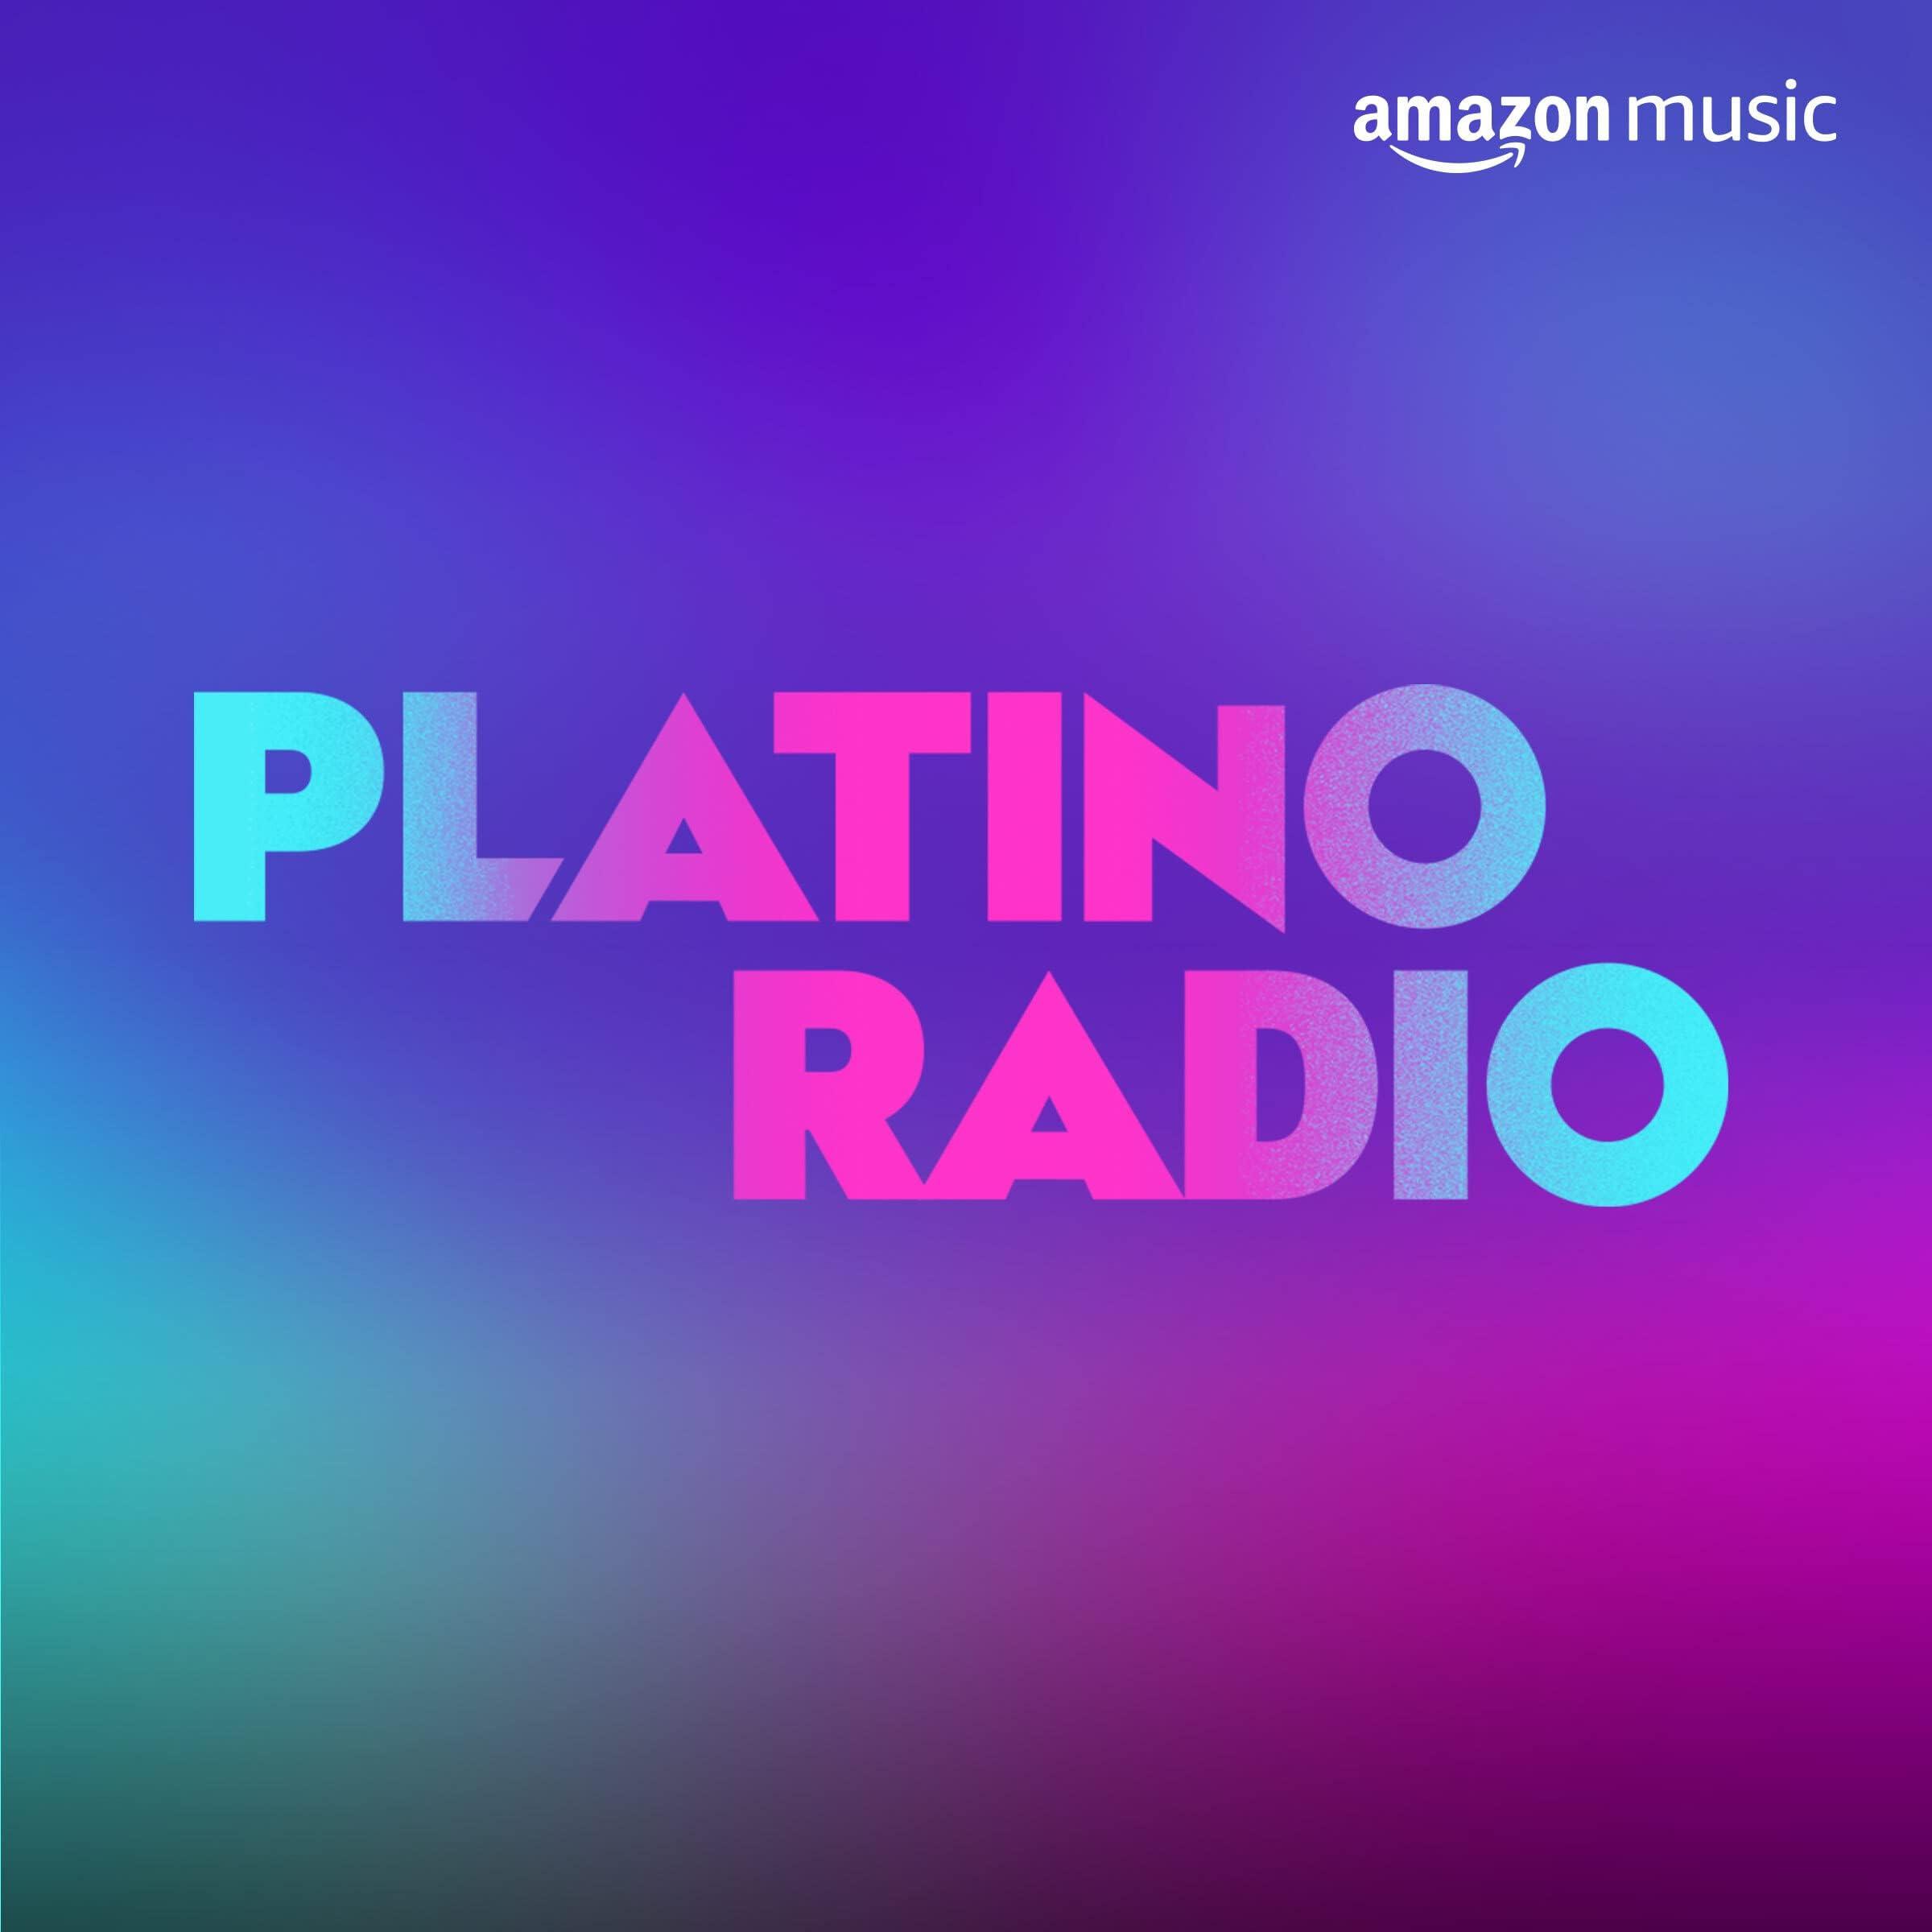 Platino Radio